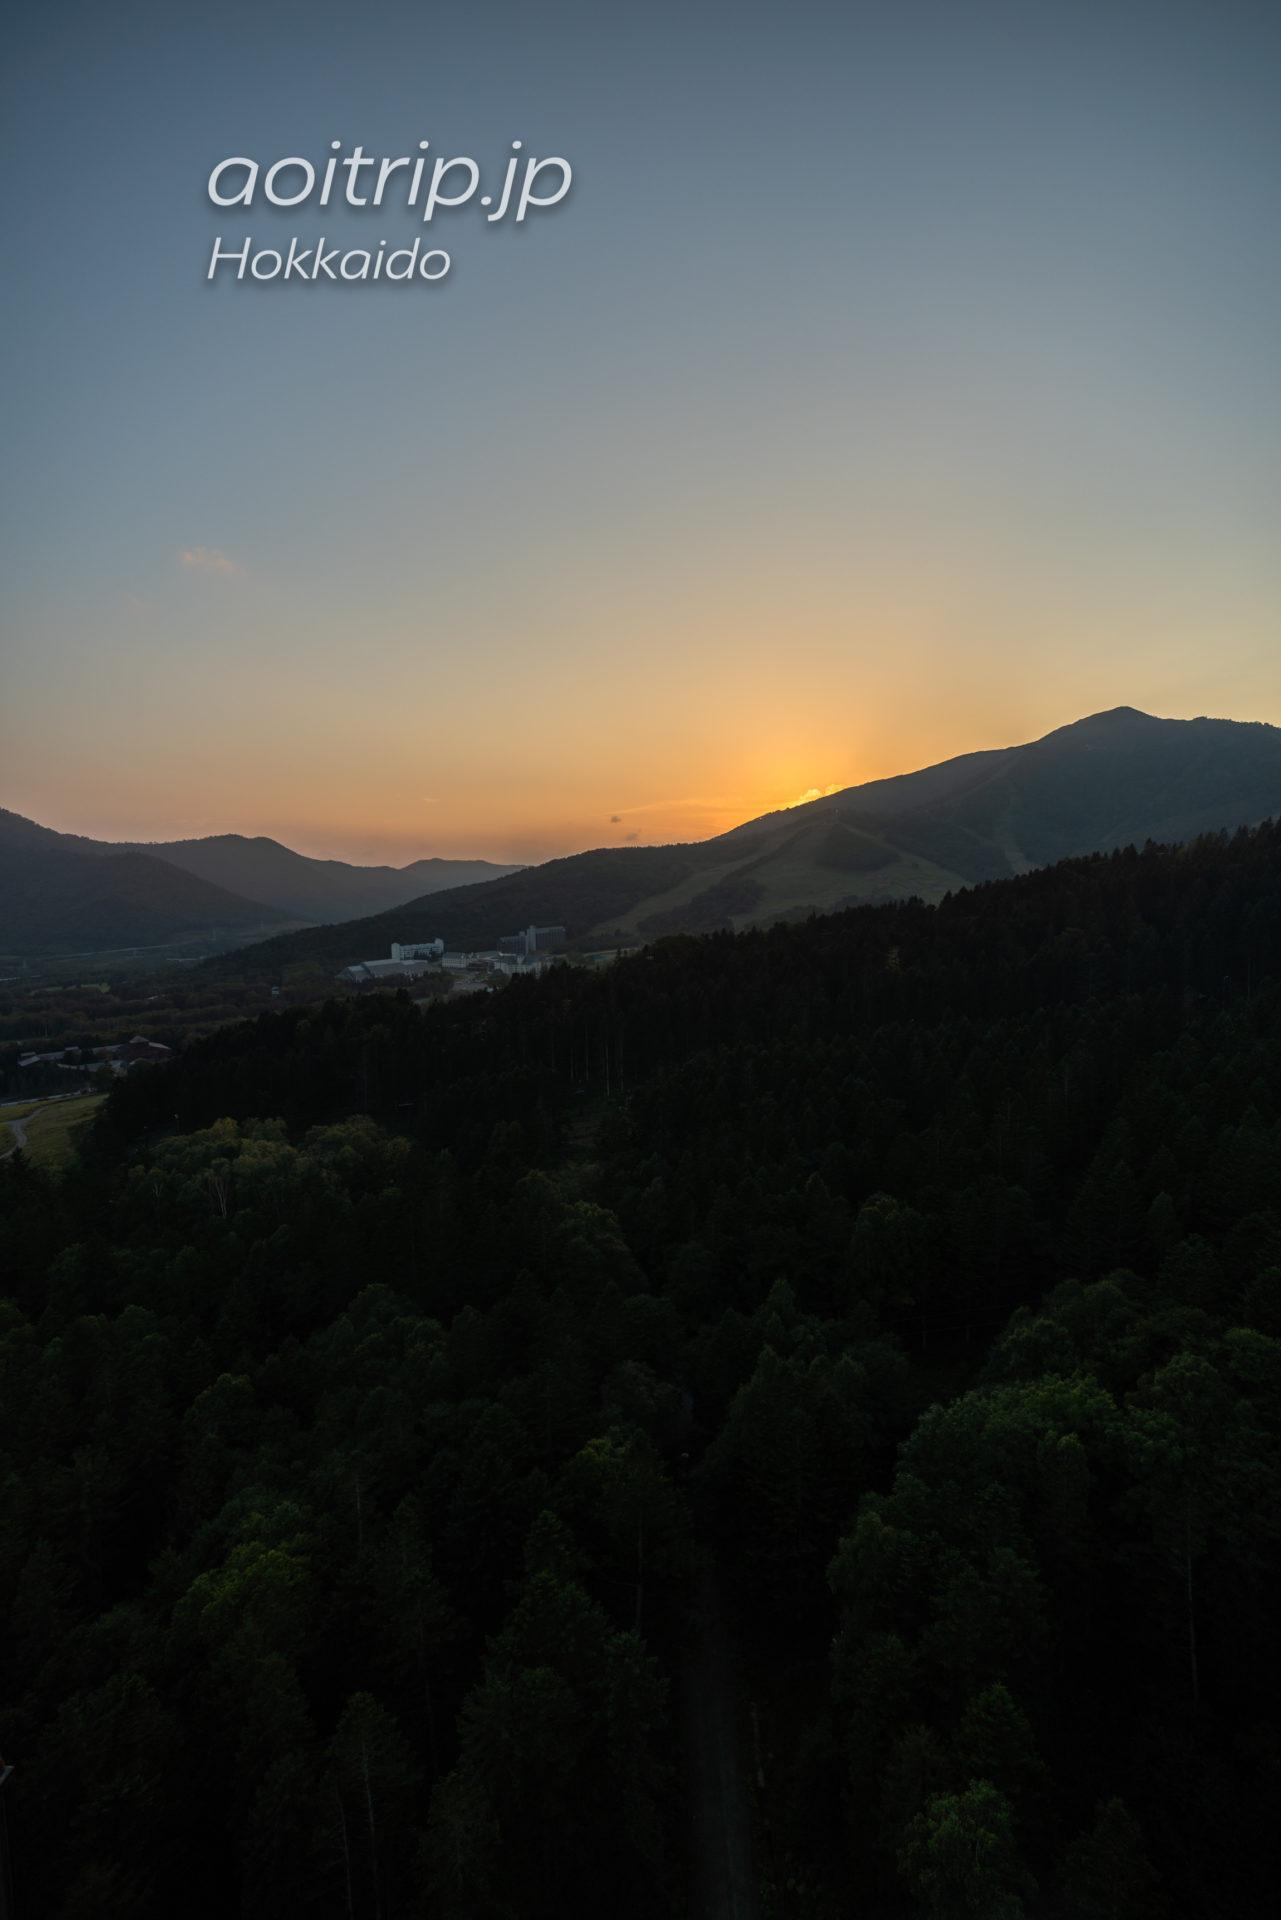 星野リゾート リゾナーレトマム 宿泊記 Hoshino Risonare Tomamu スイートツインルームの客室から望む夕焼け